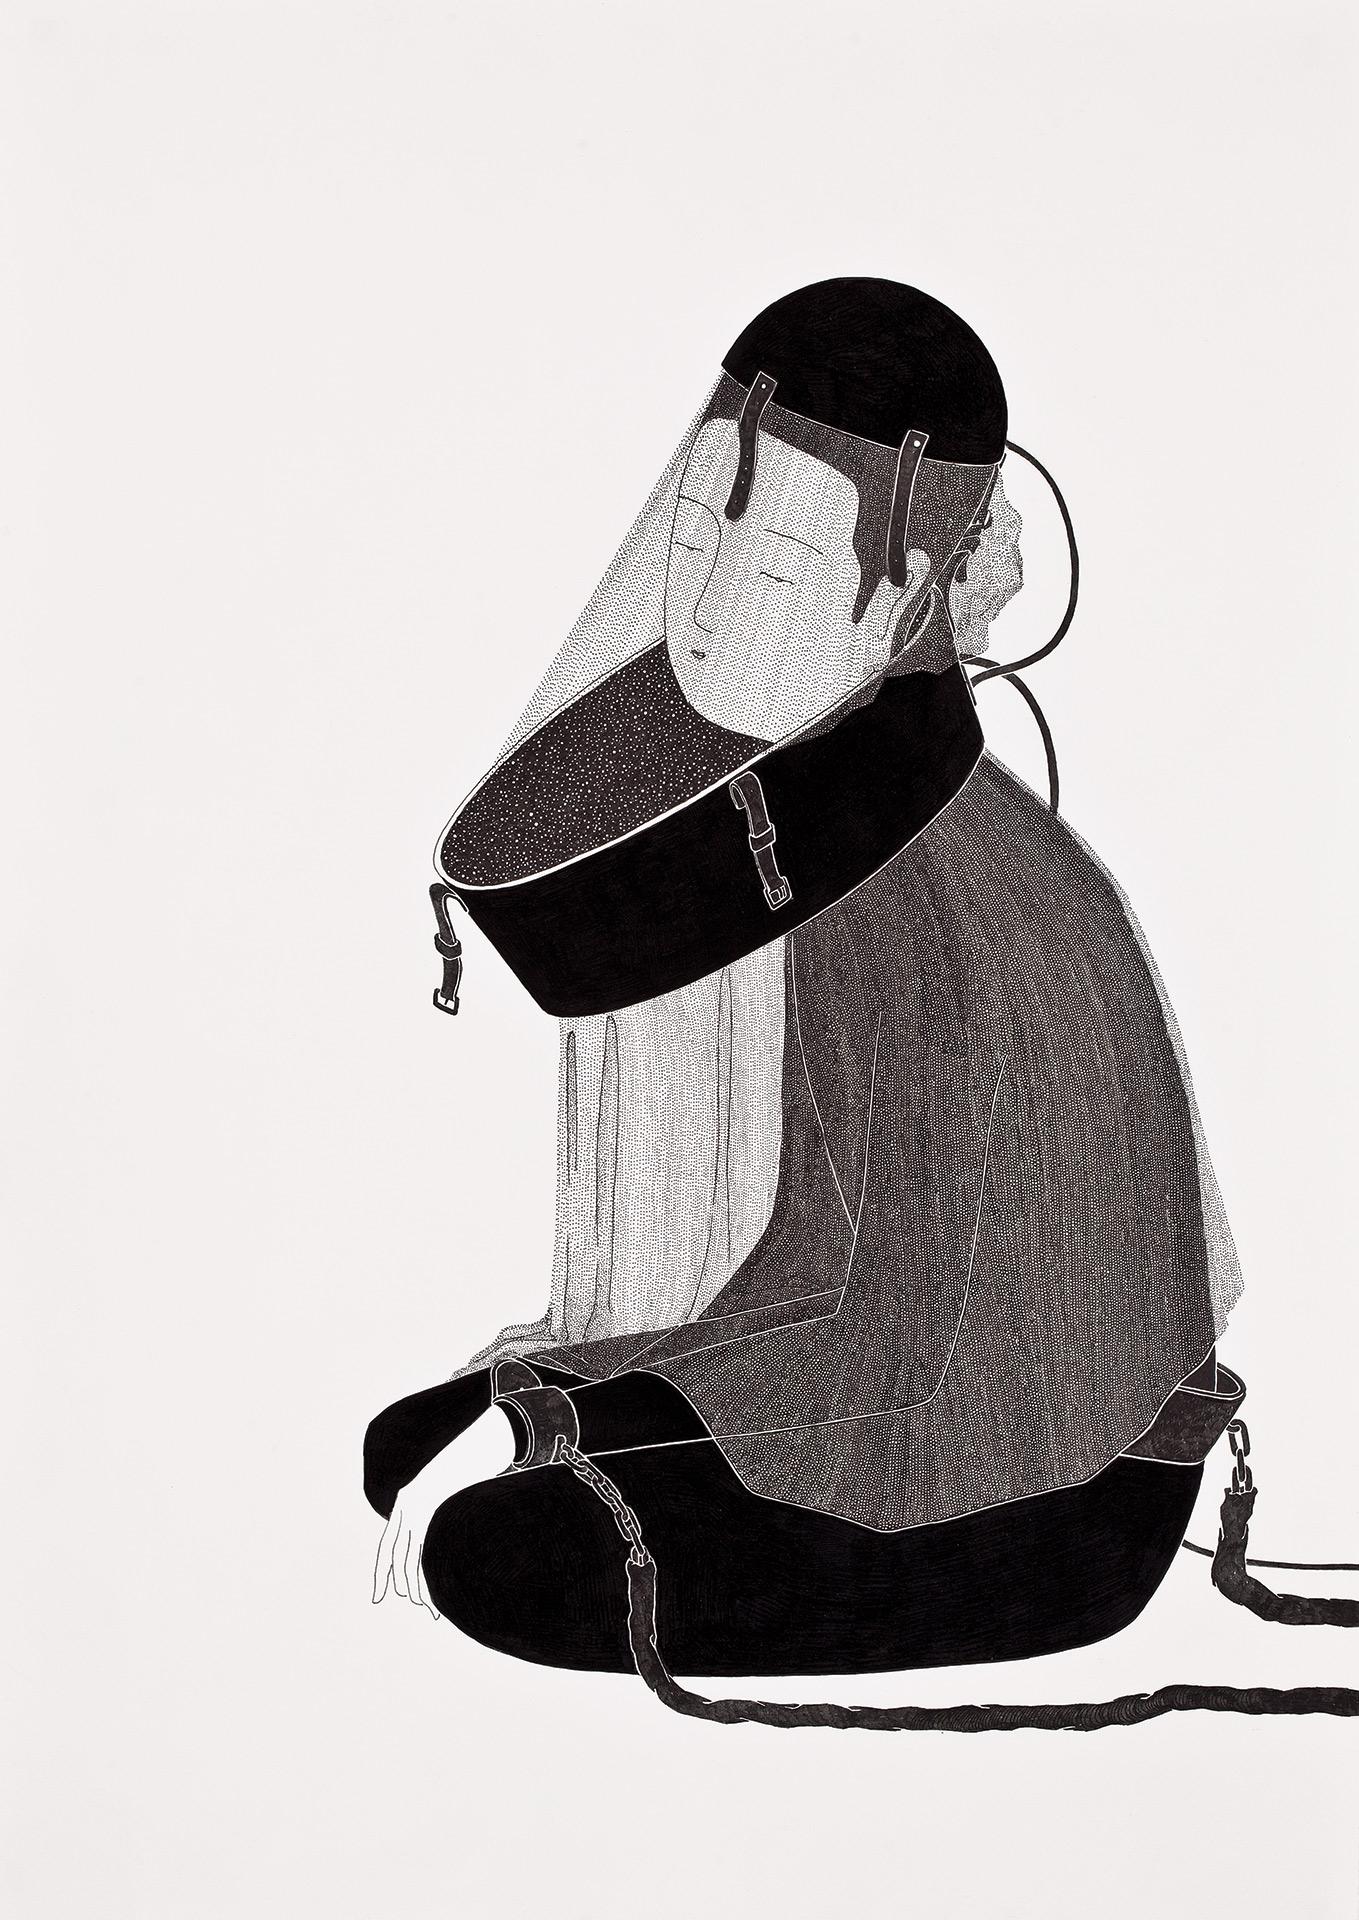 무아경 無我鏡  /  Beingkeeper   Op.0085P -29.7 x 42 cm,종이에 펜, 마커, 잉크 / Pigment liner, marker, and ink on paper, 2014